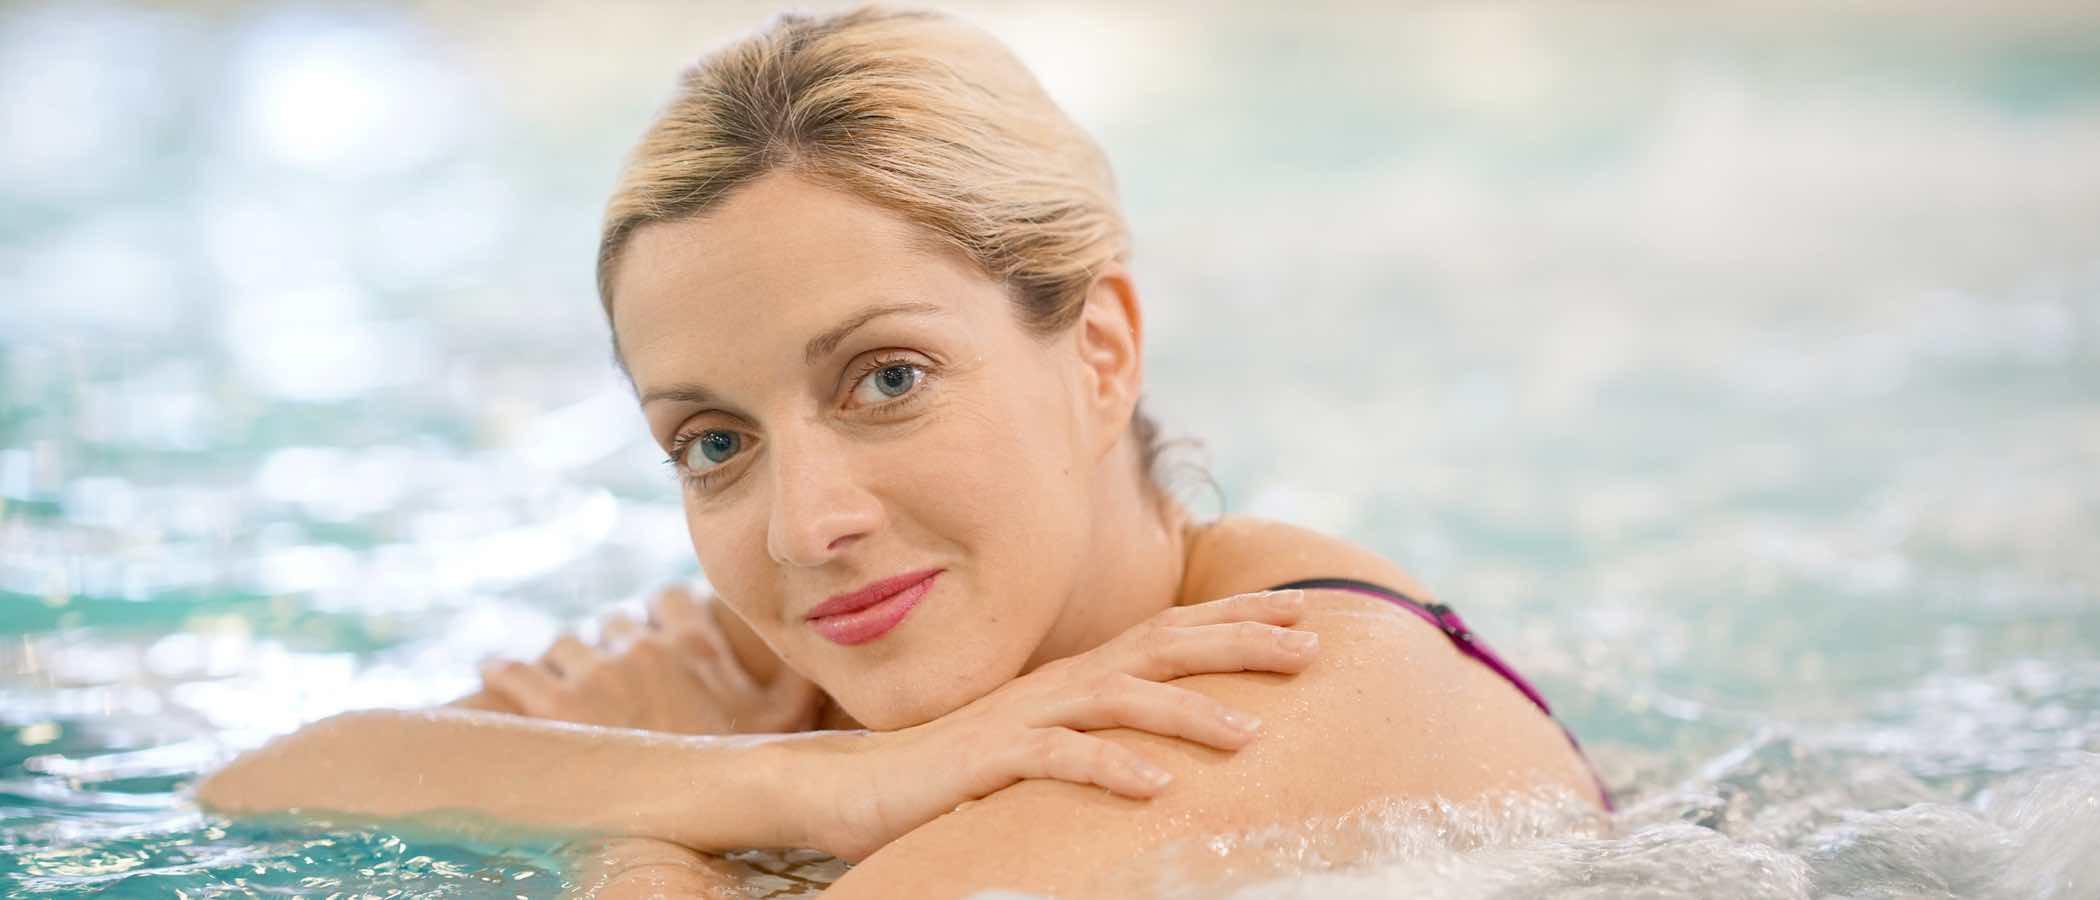 Retrasa el envejecimiento cutáneo con la talasoterapia